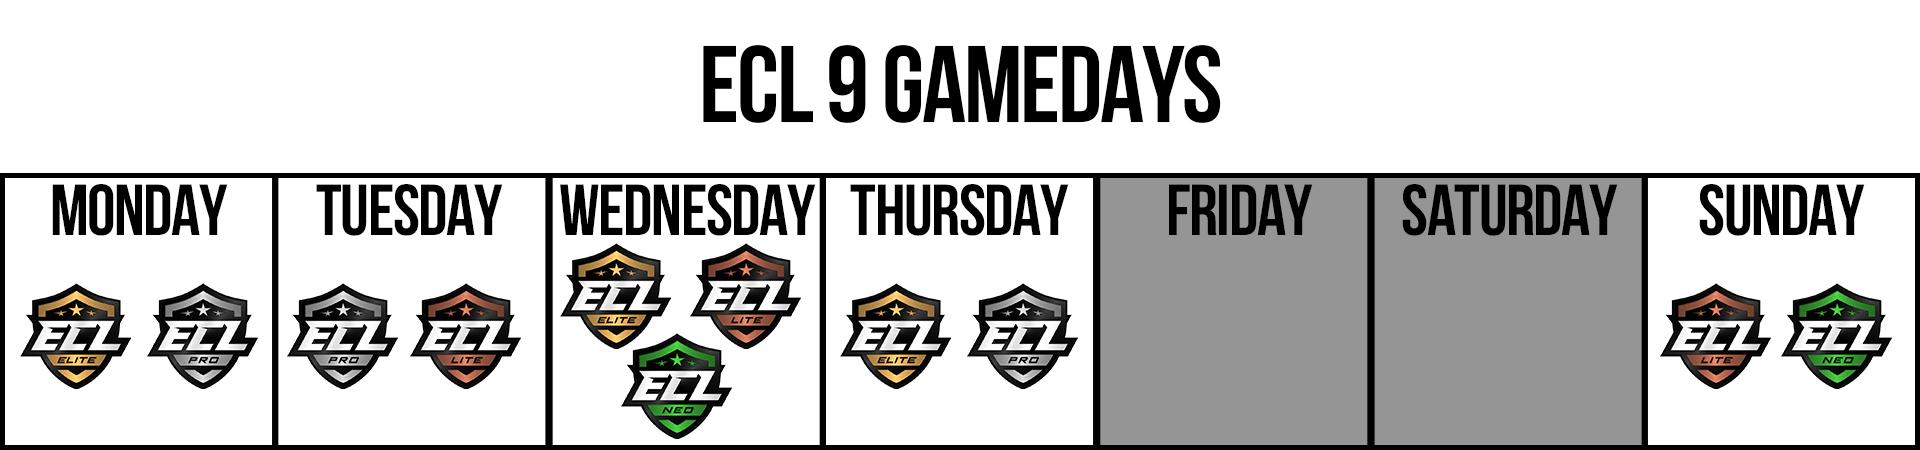 ECL_9_Gamedays.png